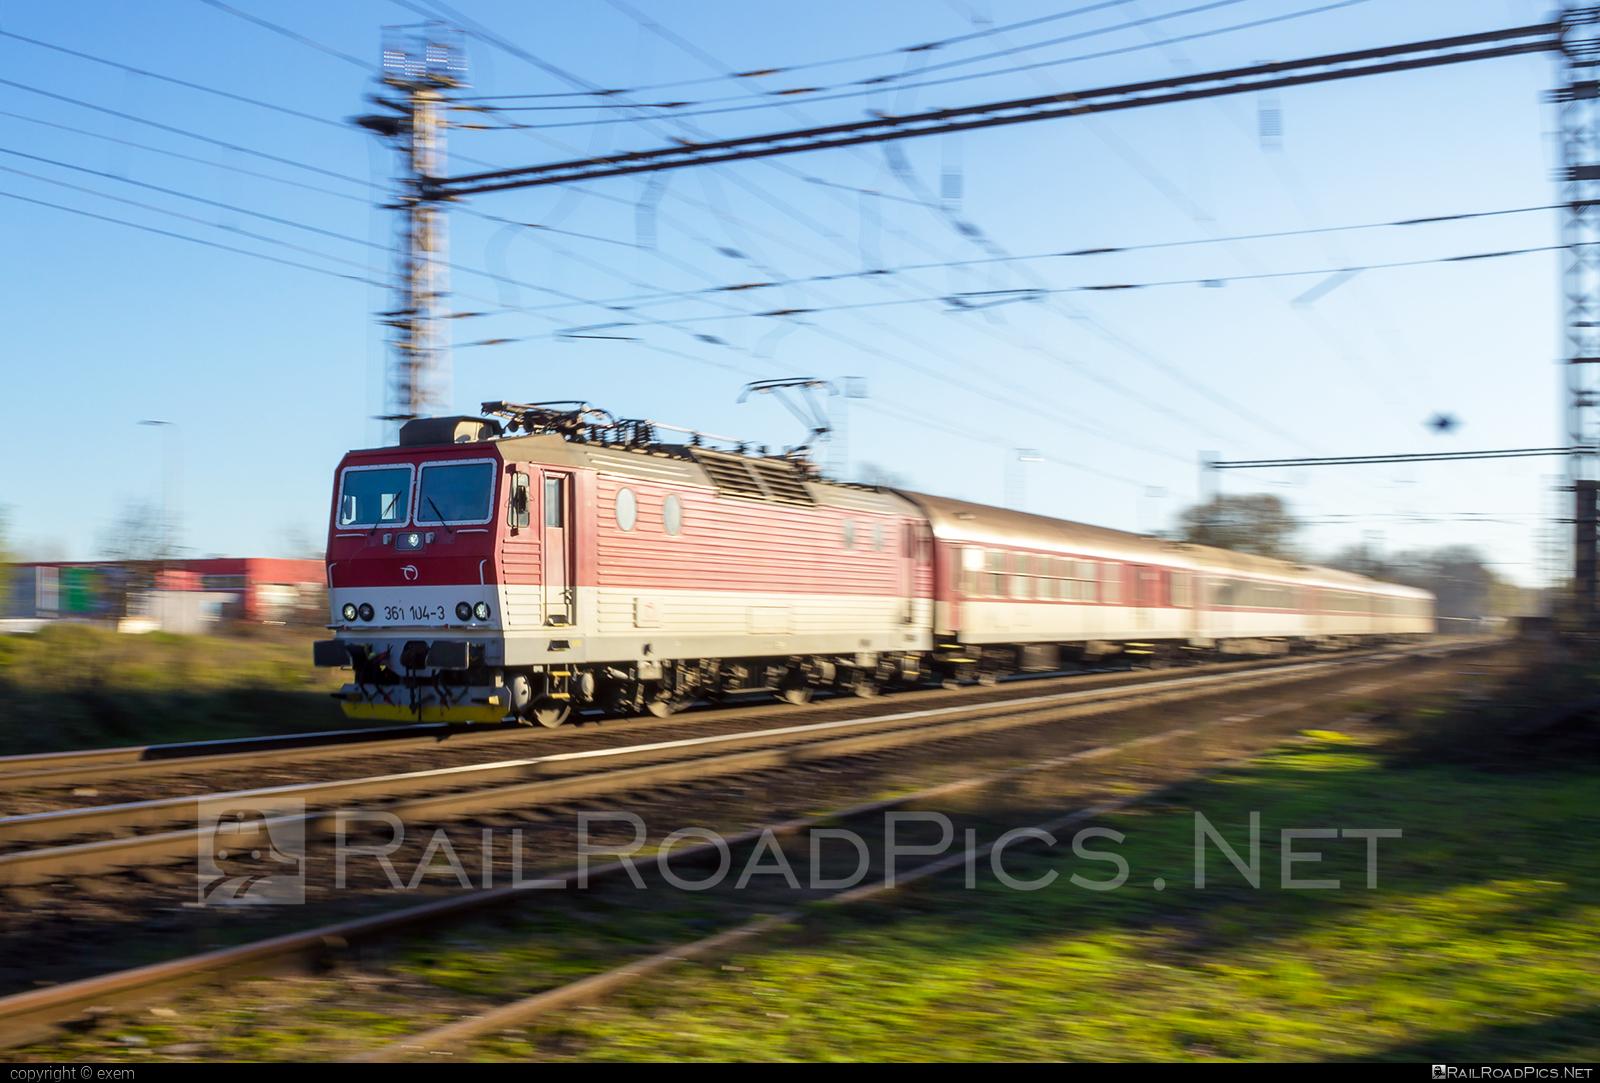 ŽOS Vrútky Class 361.1 - 361 104-3 operated by Železničná Spoločnost' Slovensko, a.s. #ZeleznicnaSpolocnostSlovensko #locomotive361 #locomotive3611 #zosvrutky #zssk